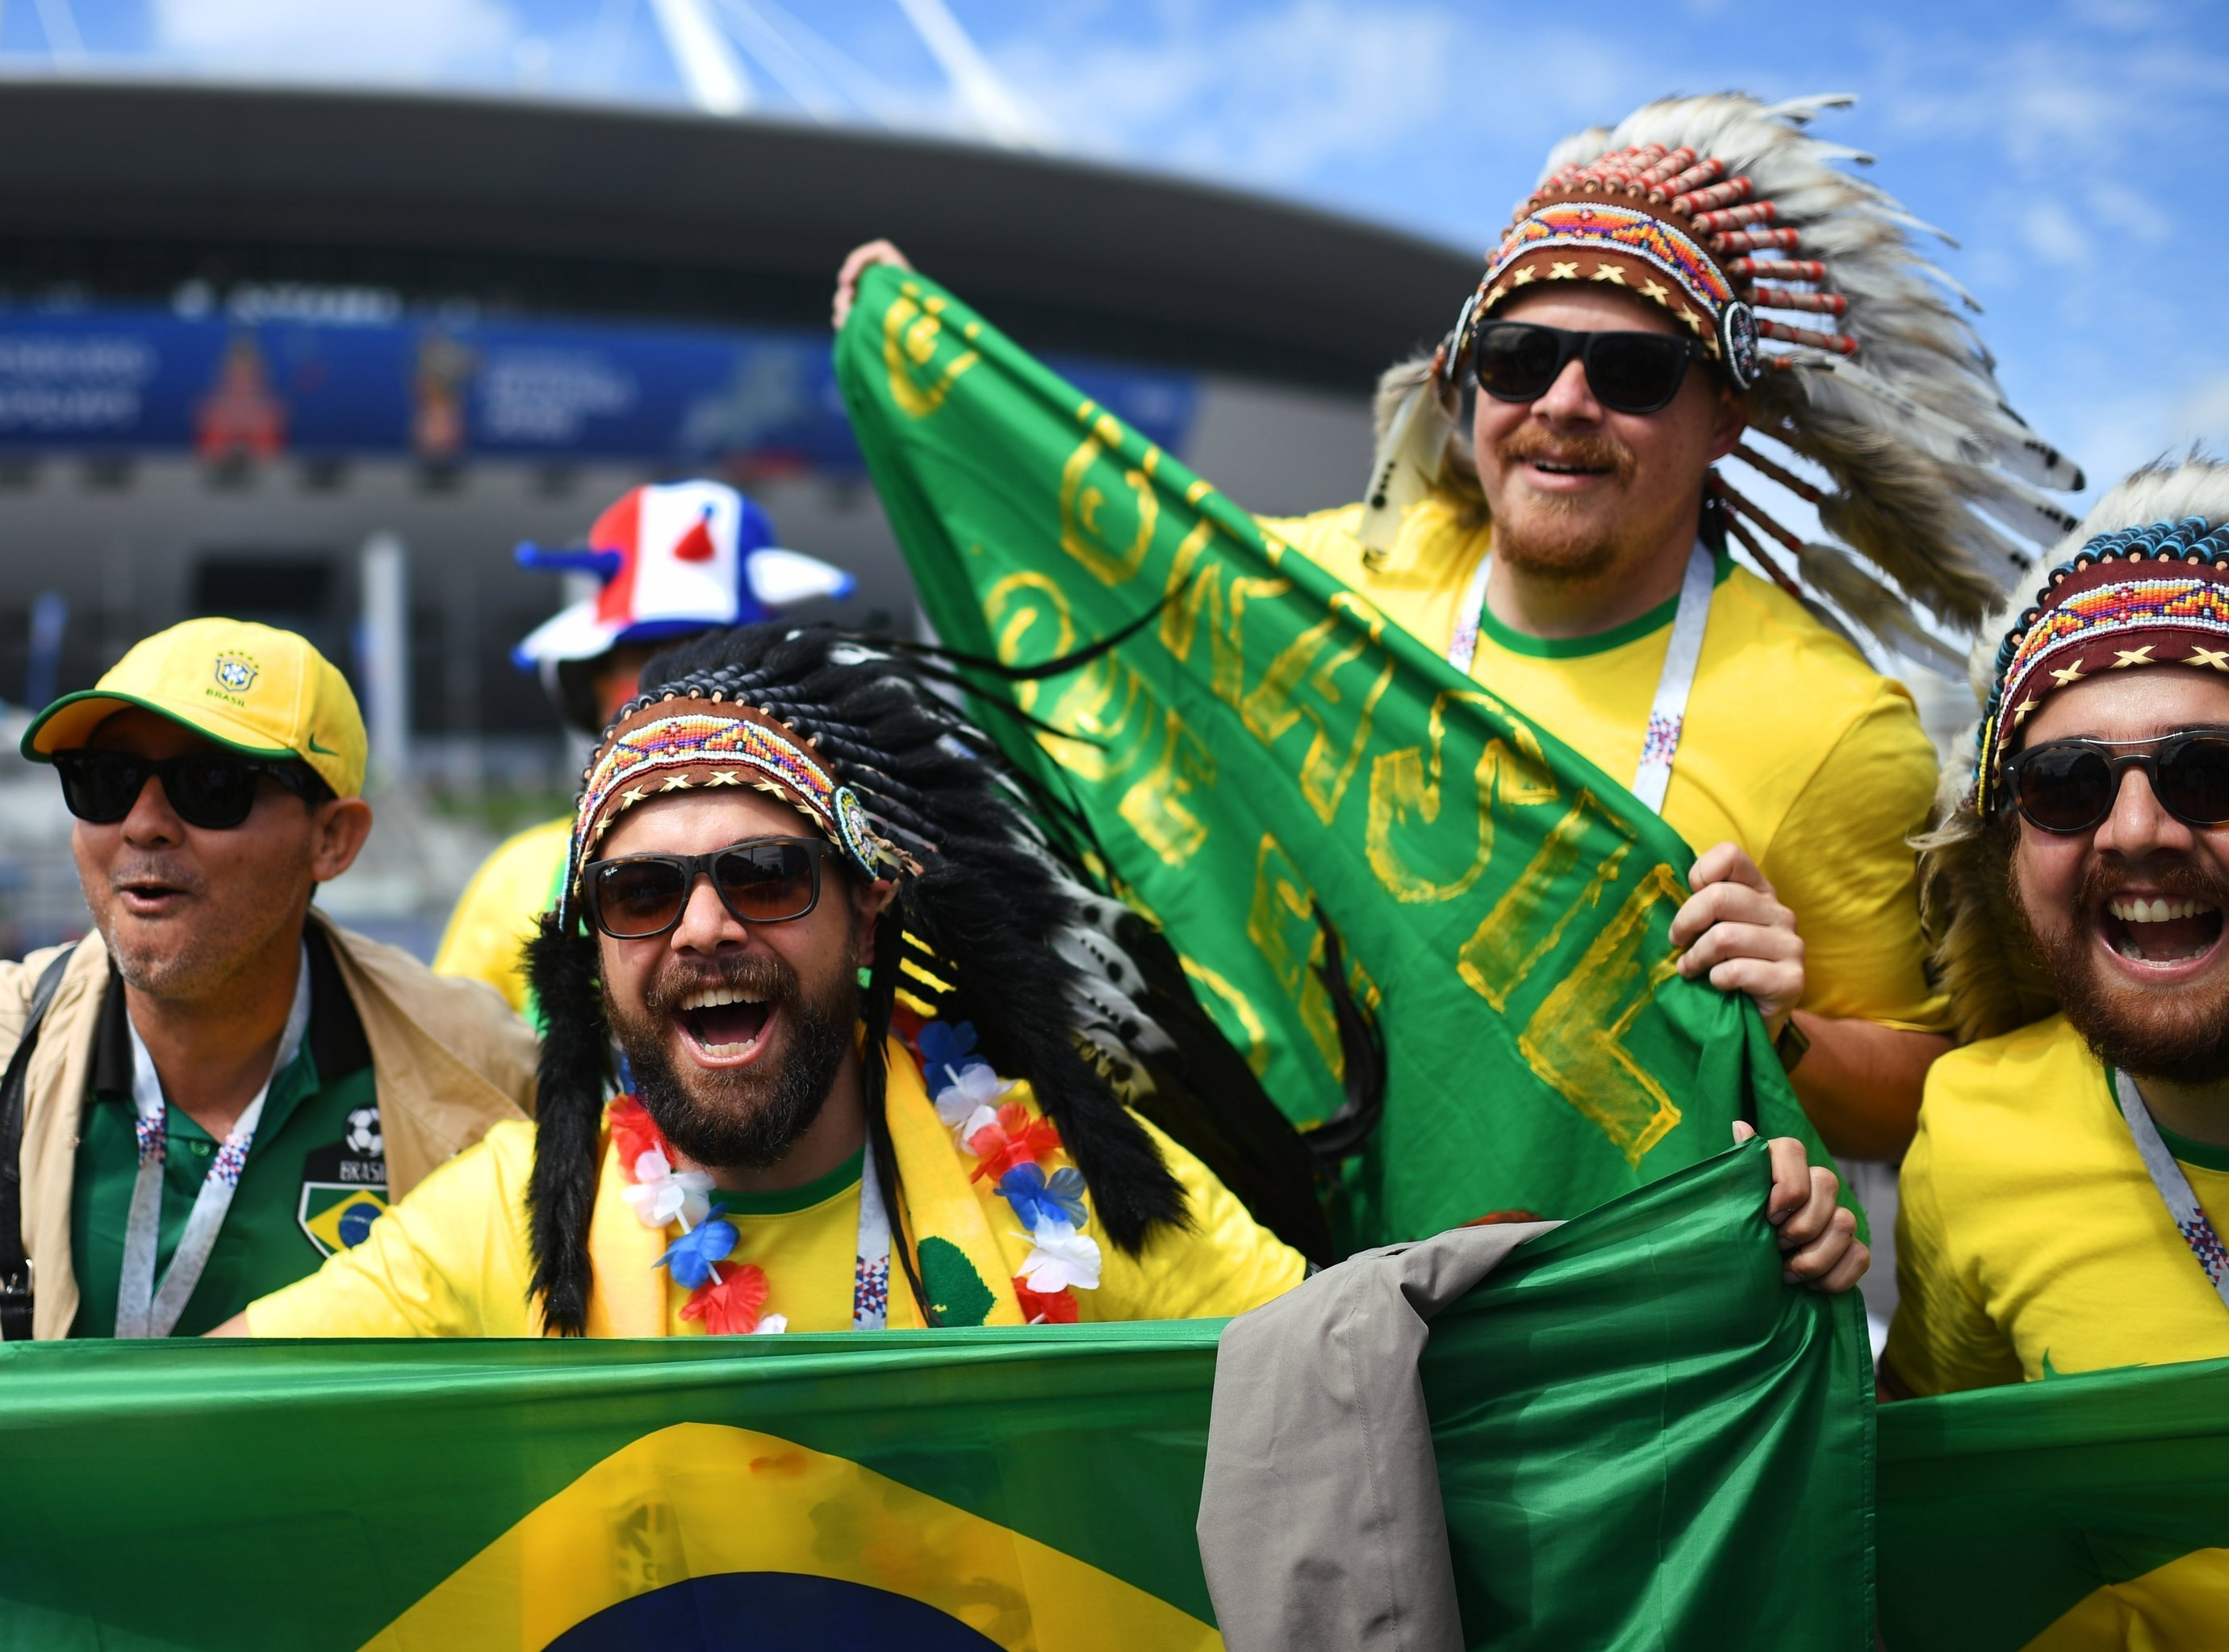 Болельщики перед матчем ЧМ-2018 по футболу между сборными Бразилии и Коста-Рики